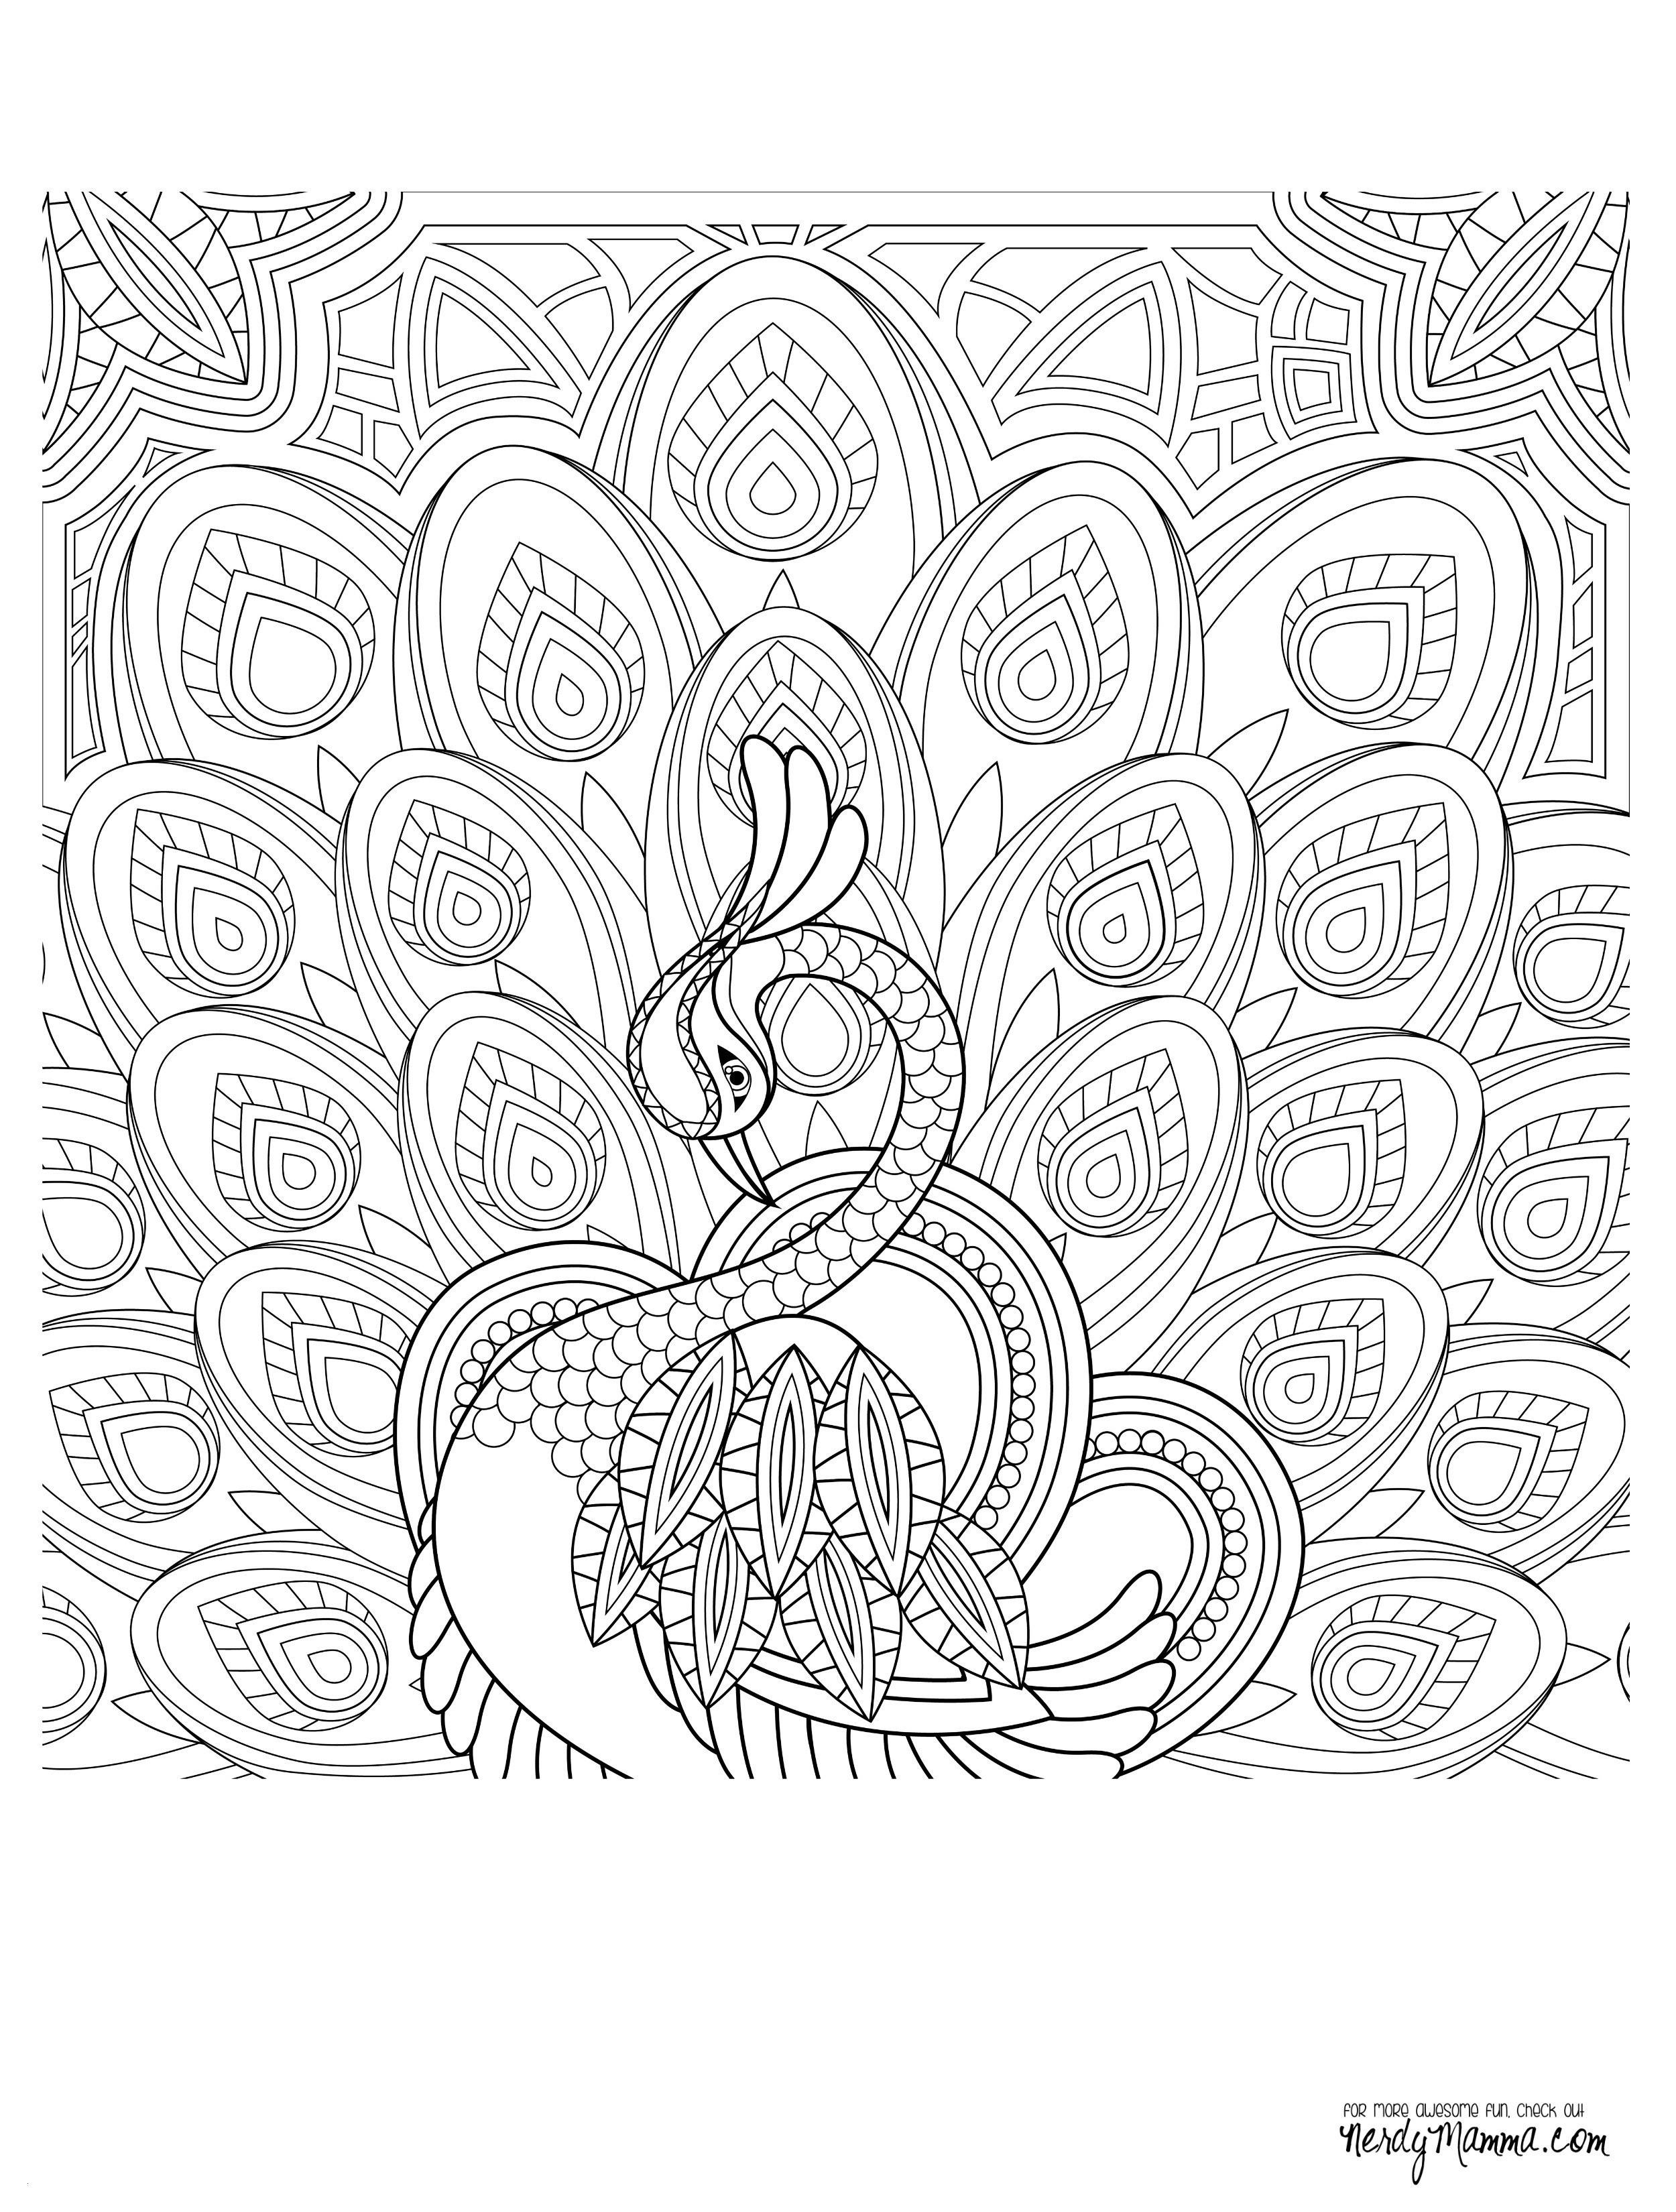 Herz Mandalas Zum Ausmalen Das Beste Von Herz Malvorlagen Einfach Herz Mandalas Zum Ausdrucken – Malvorlagen Das Bild